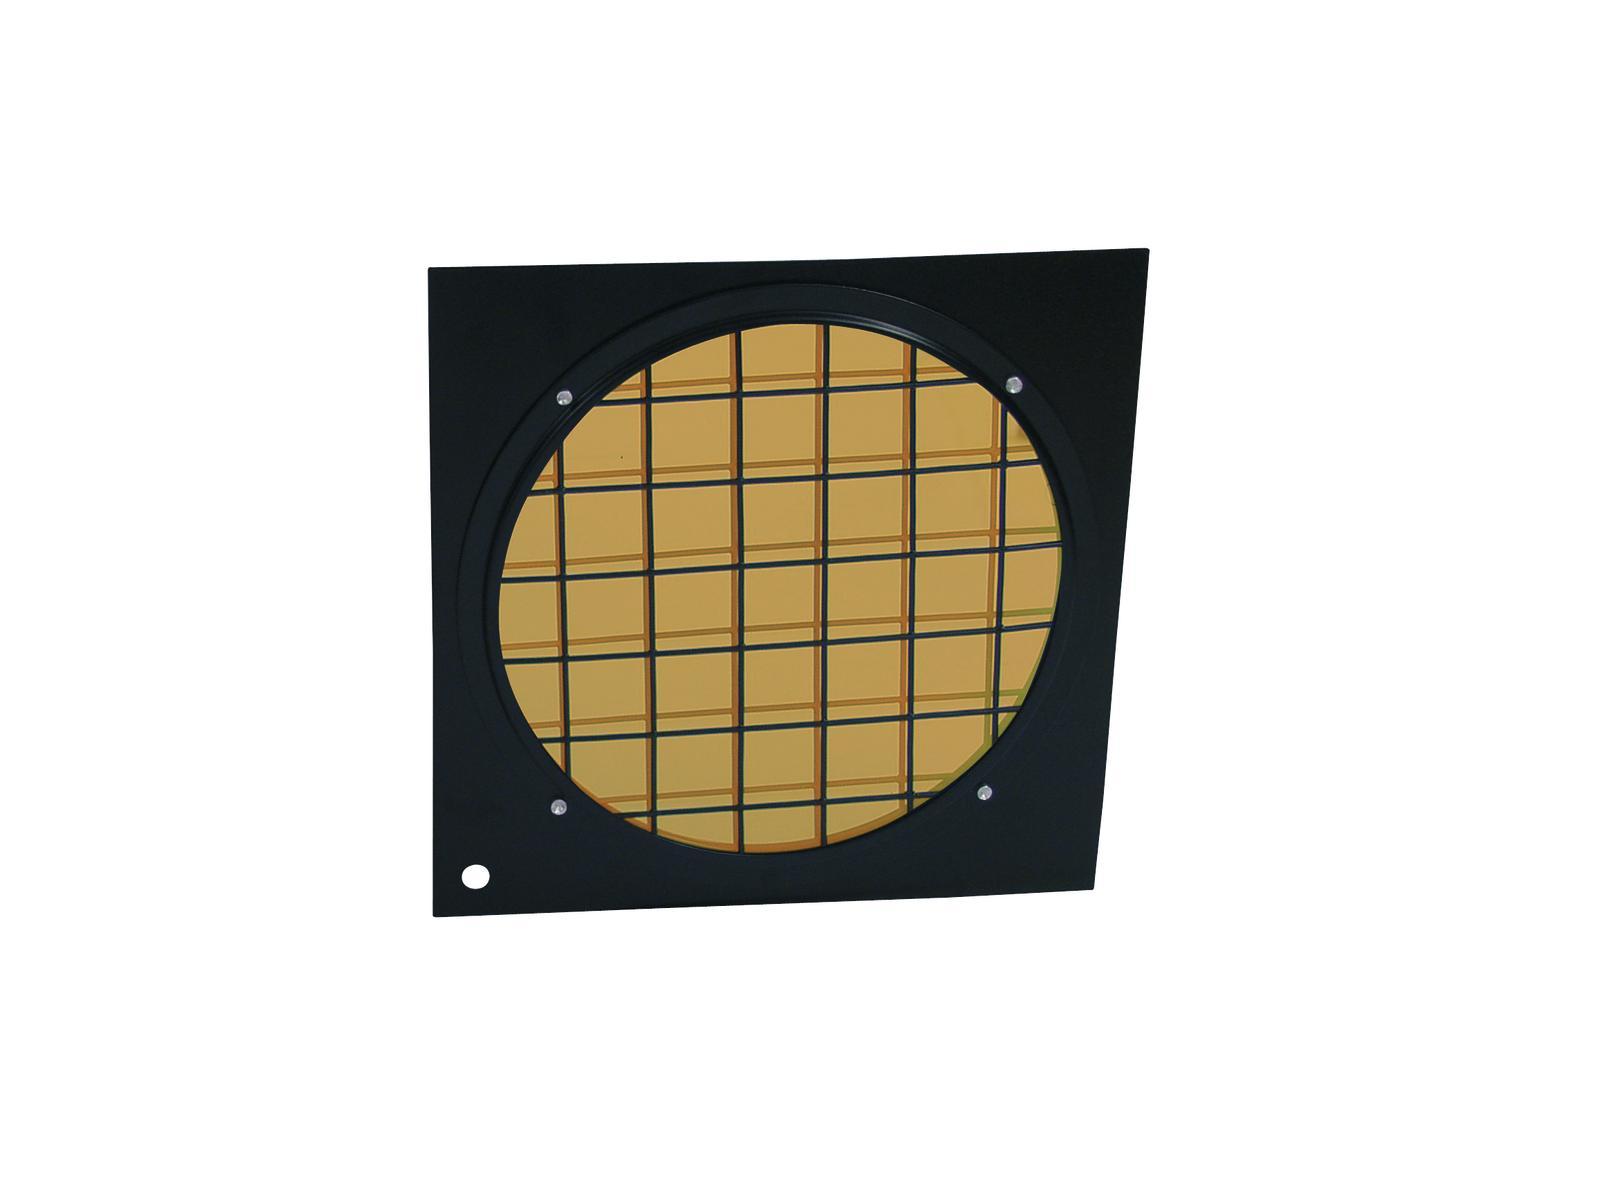 Filtro Frontale dicroico Per Faro Luce Par-64 arancio con cornice nera Eurolite